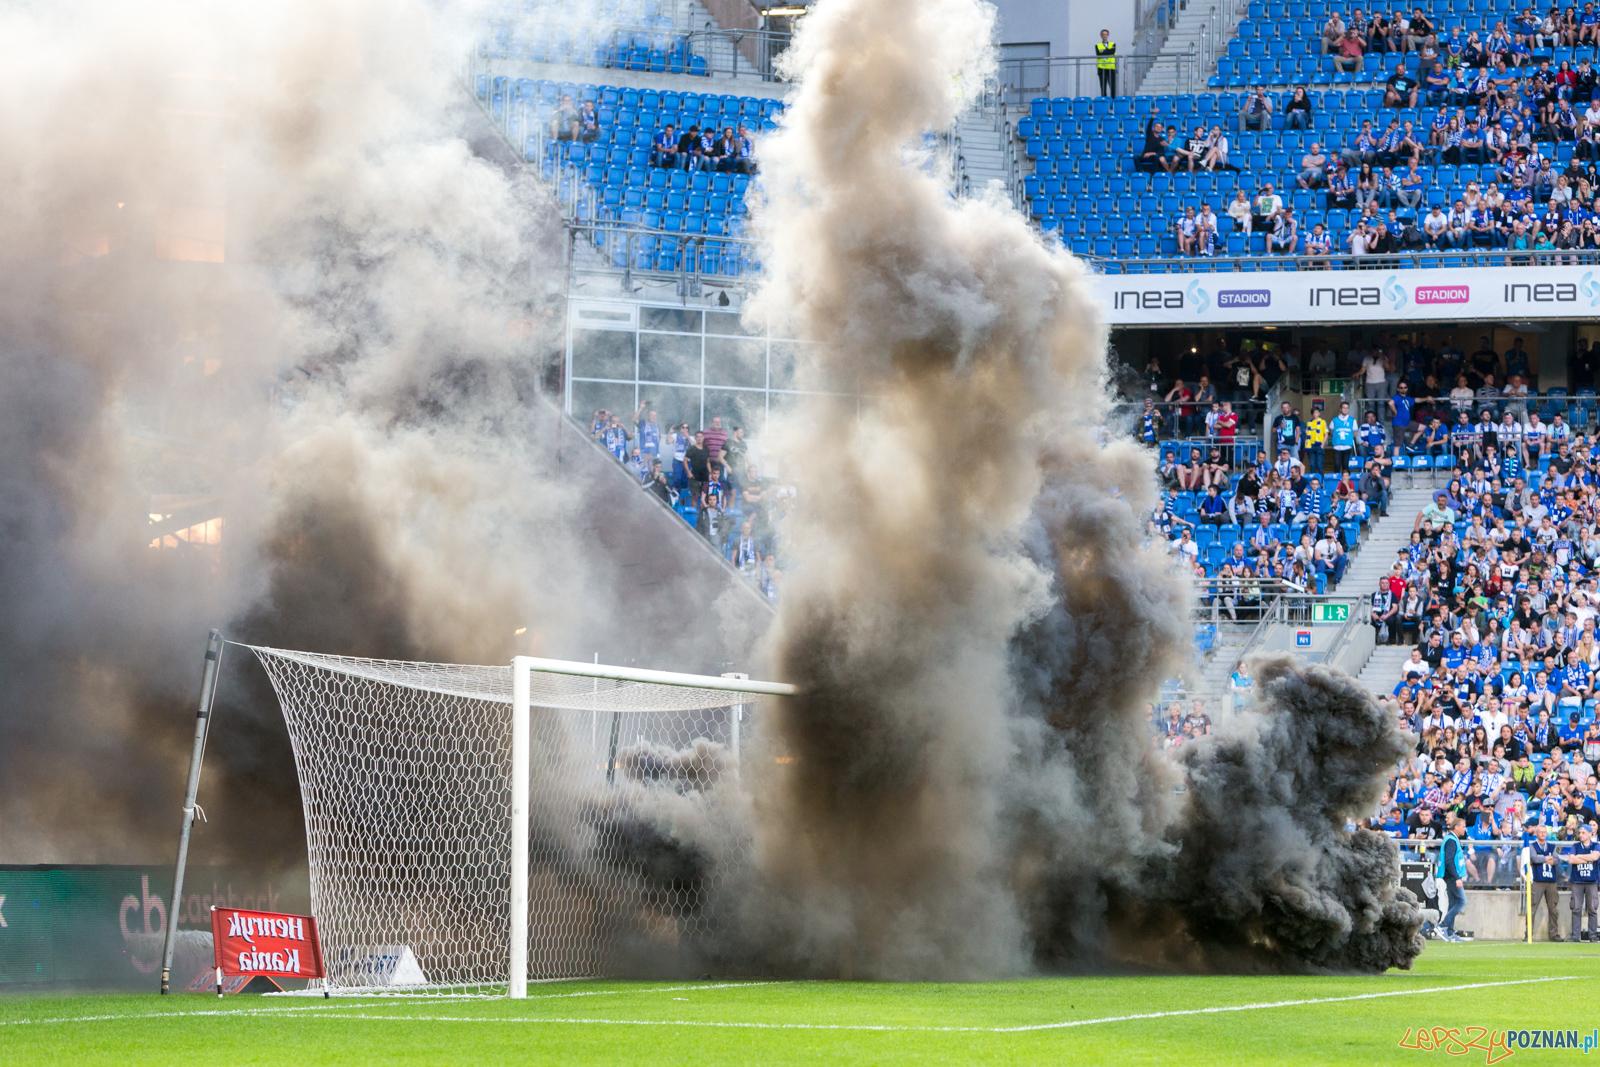 Lech Poznań - Legia Warszawa (zamieszki na stadionie)  Foto: lepszyPOZNAN.pl/Piotr Rychter